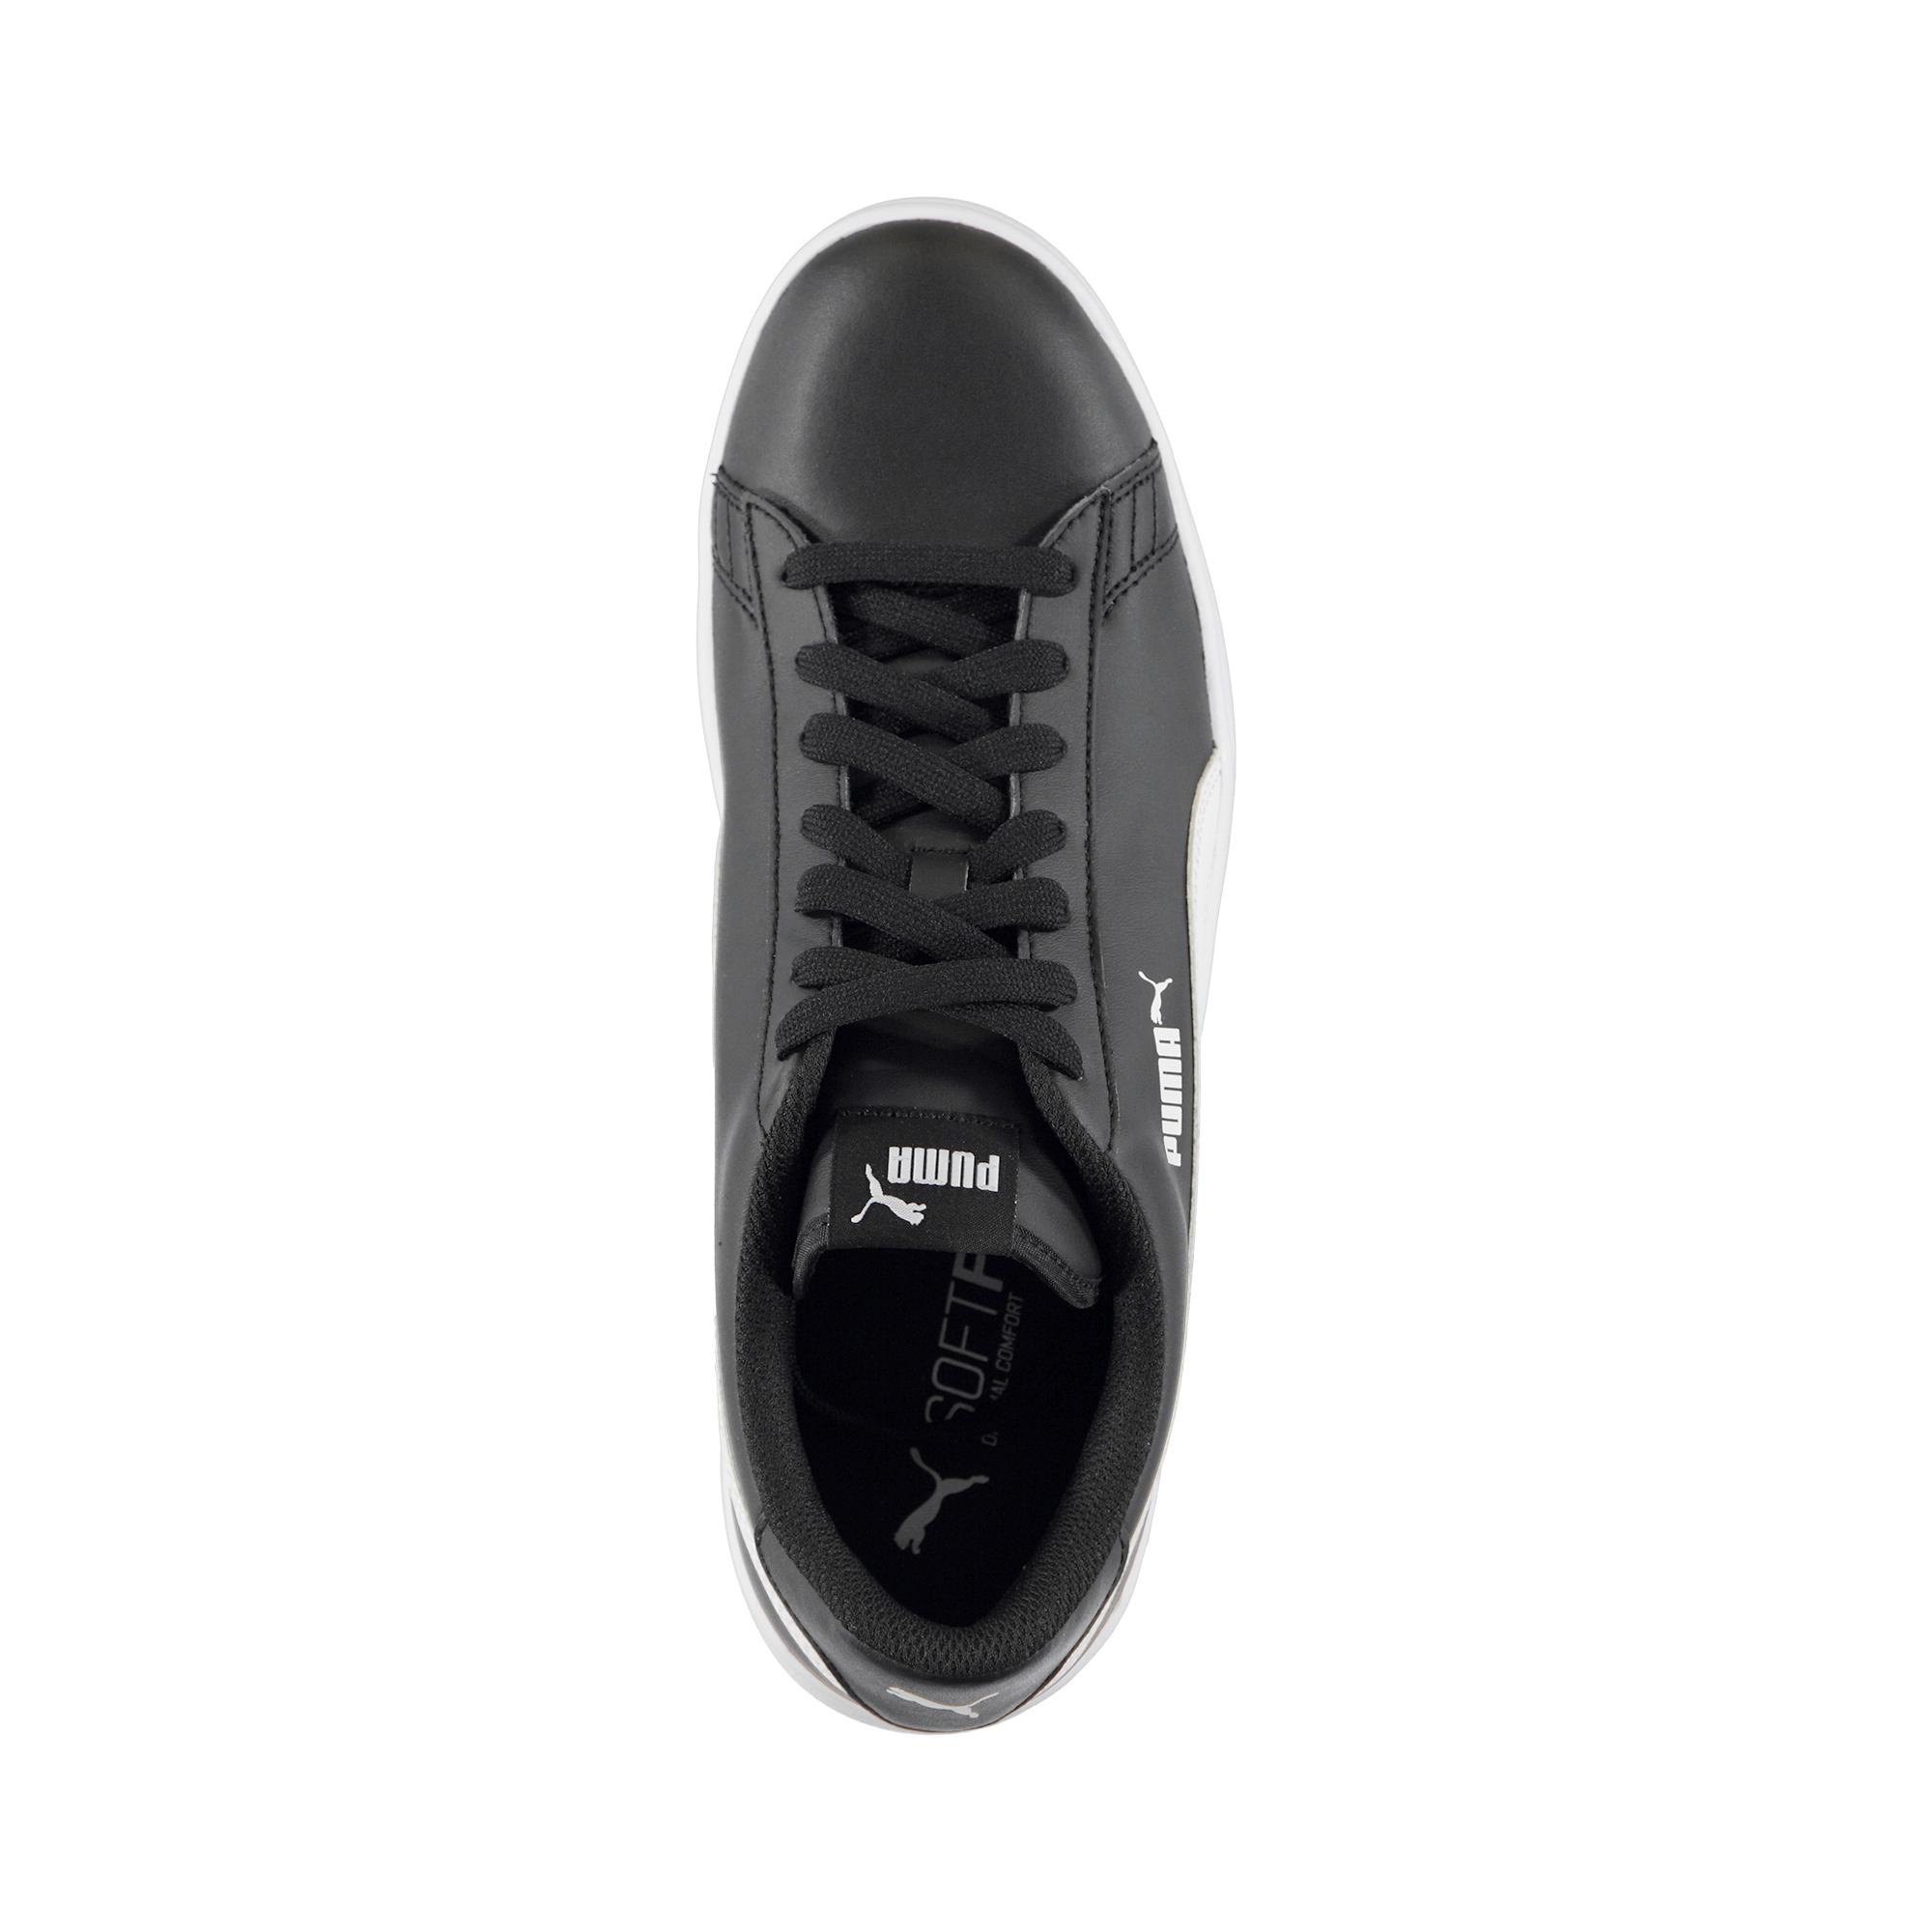 Puma Smash Erkek Siyah Spor Ayakkabı